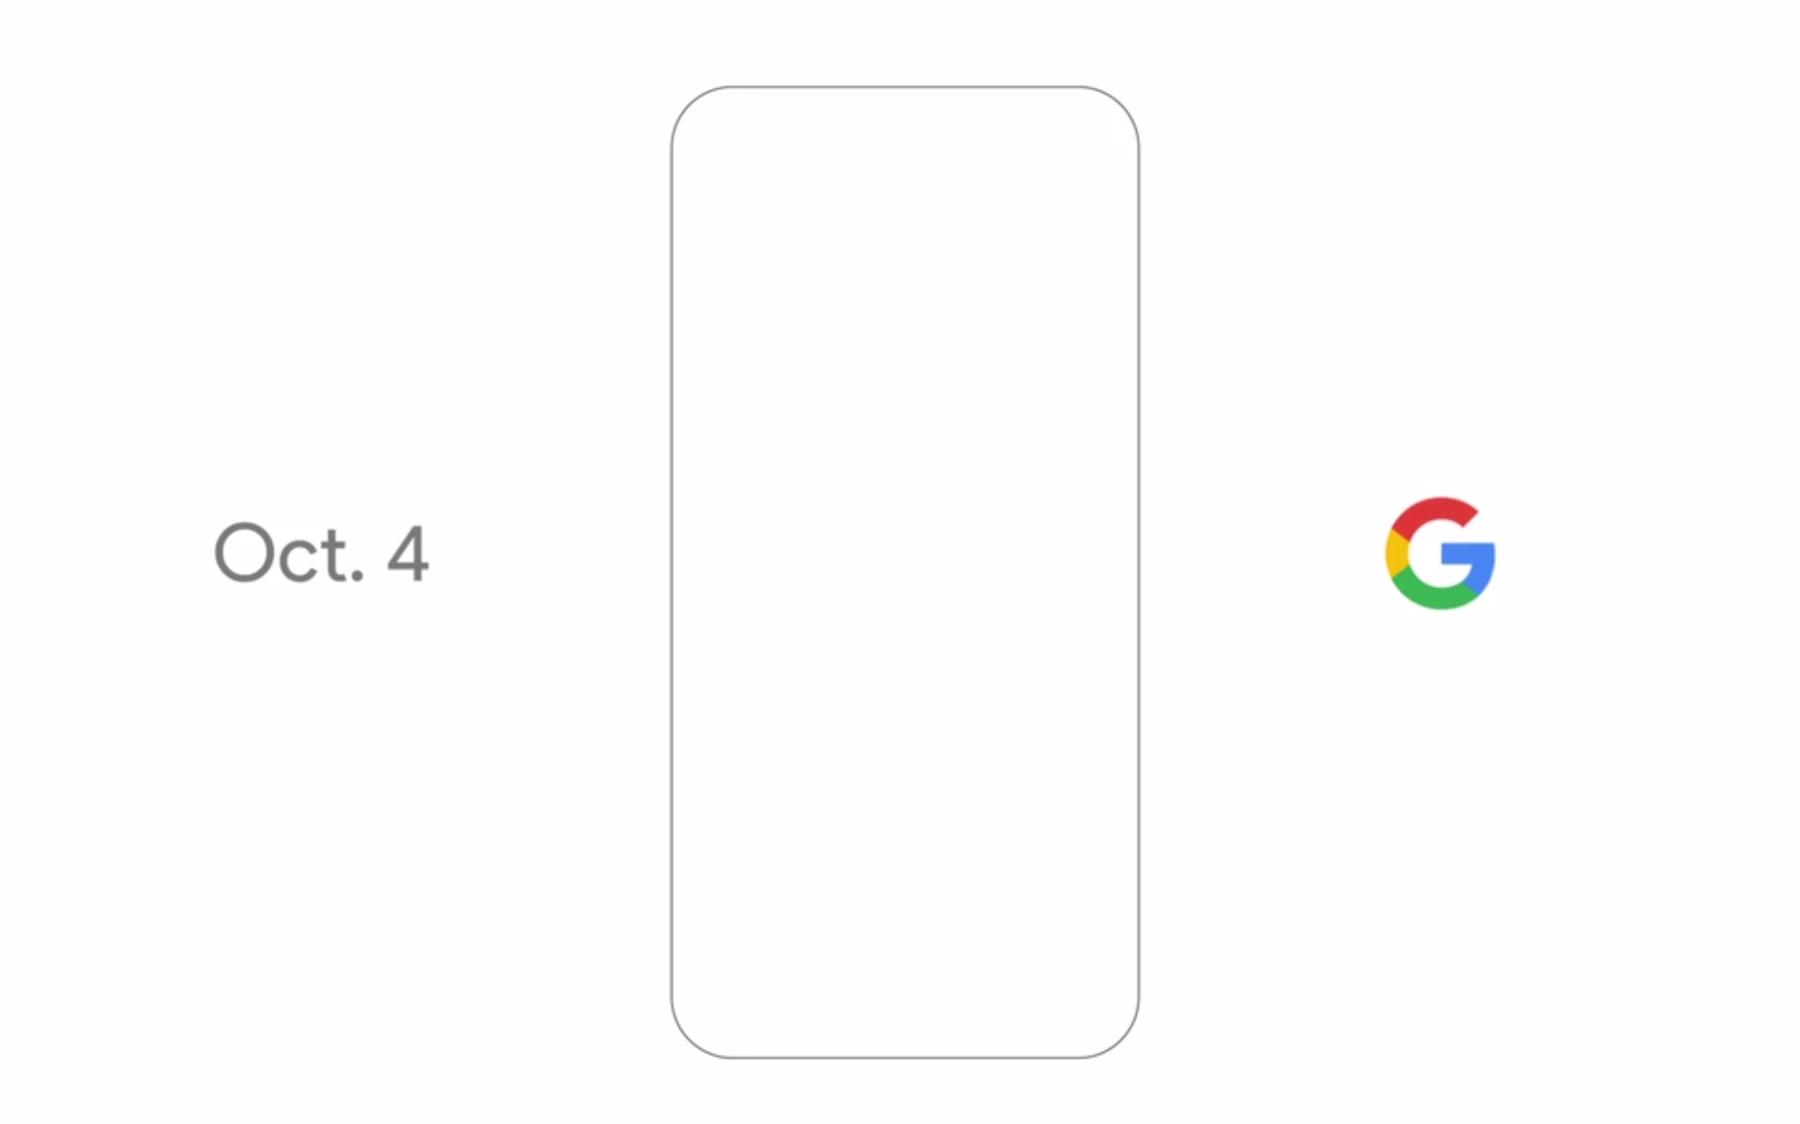 Google confirme la date d'annonce des Pixel et Pixel XL